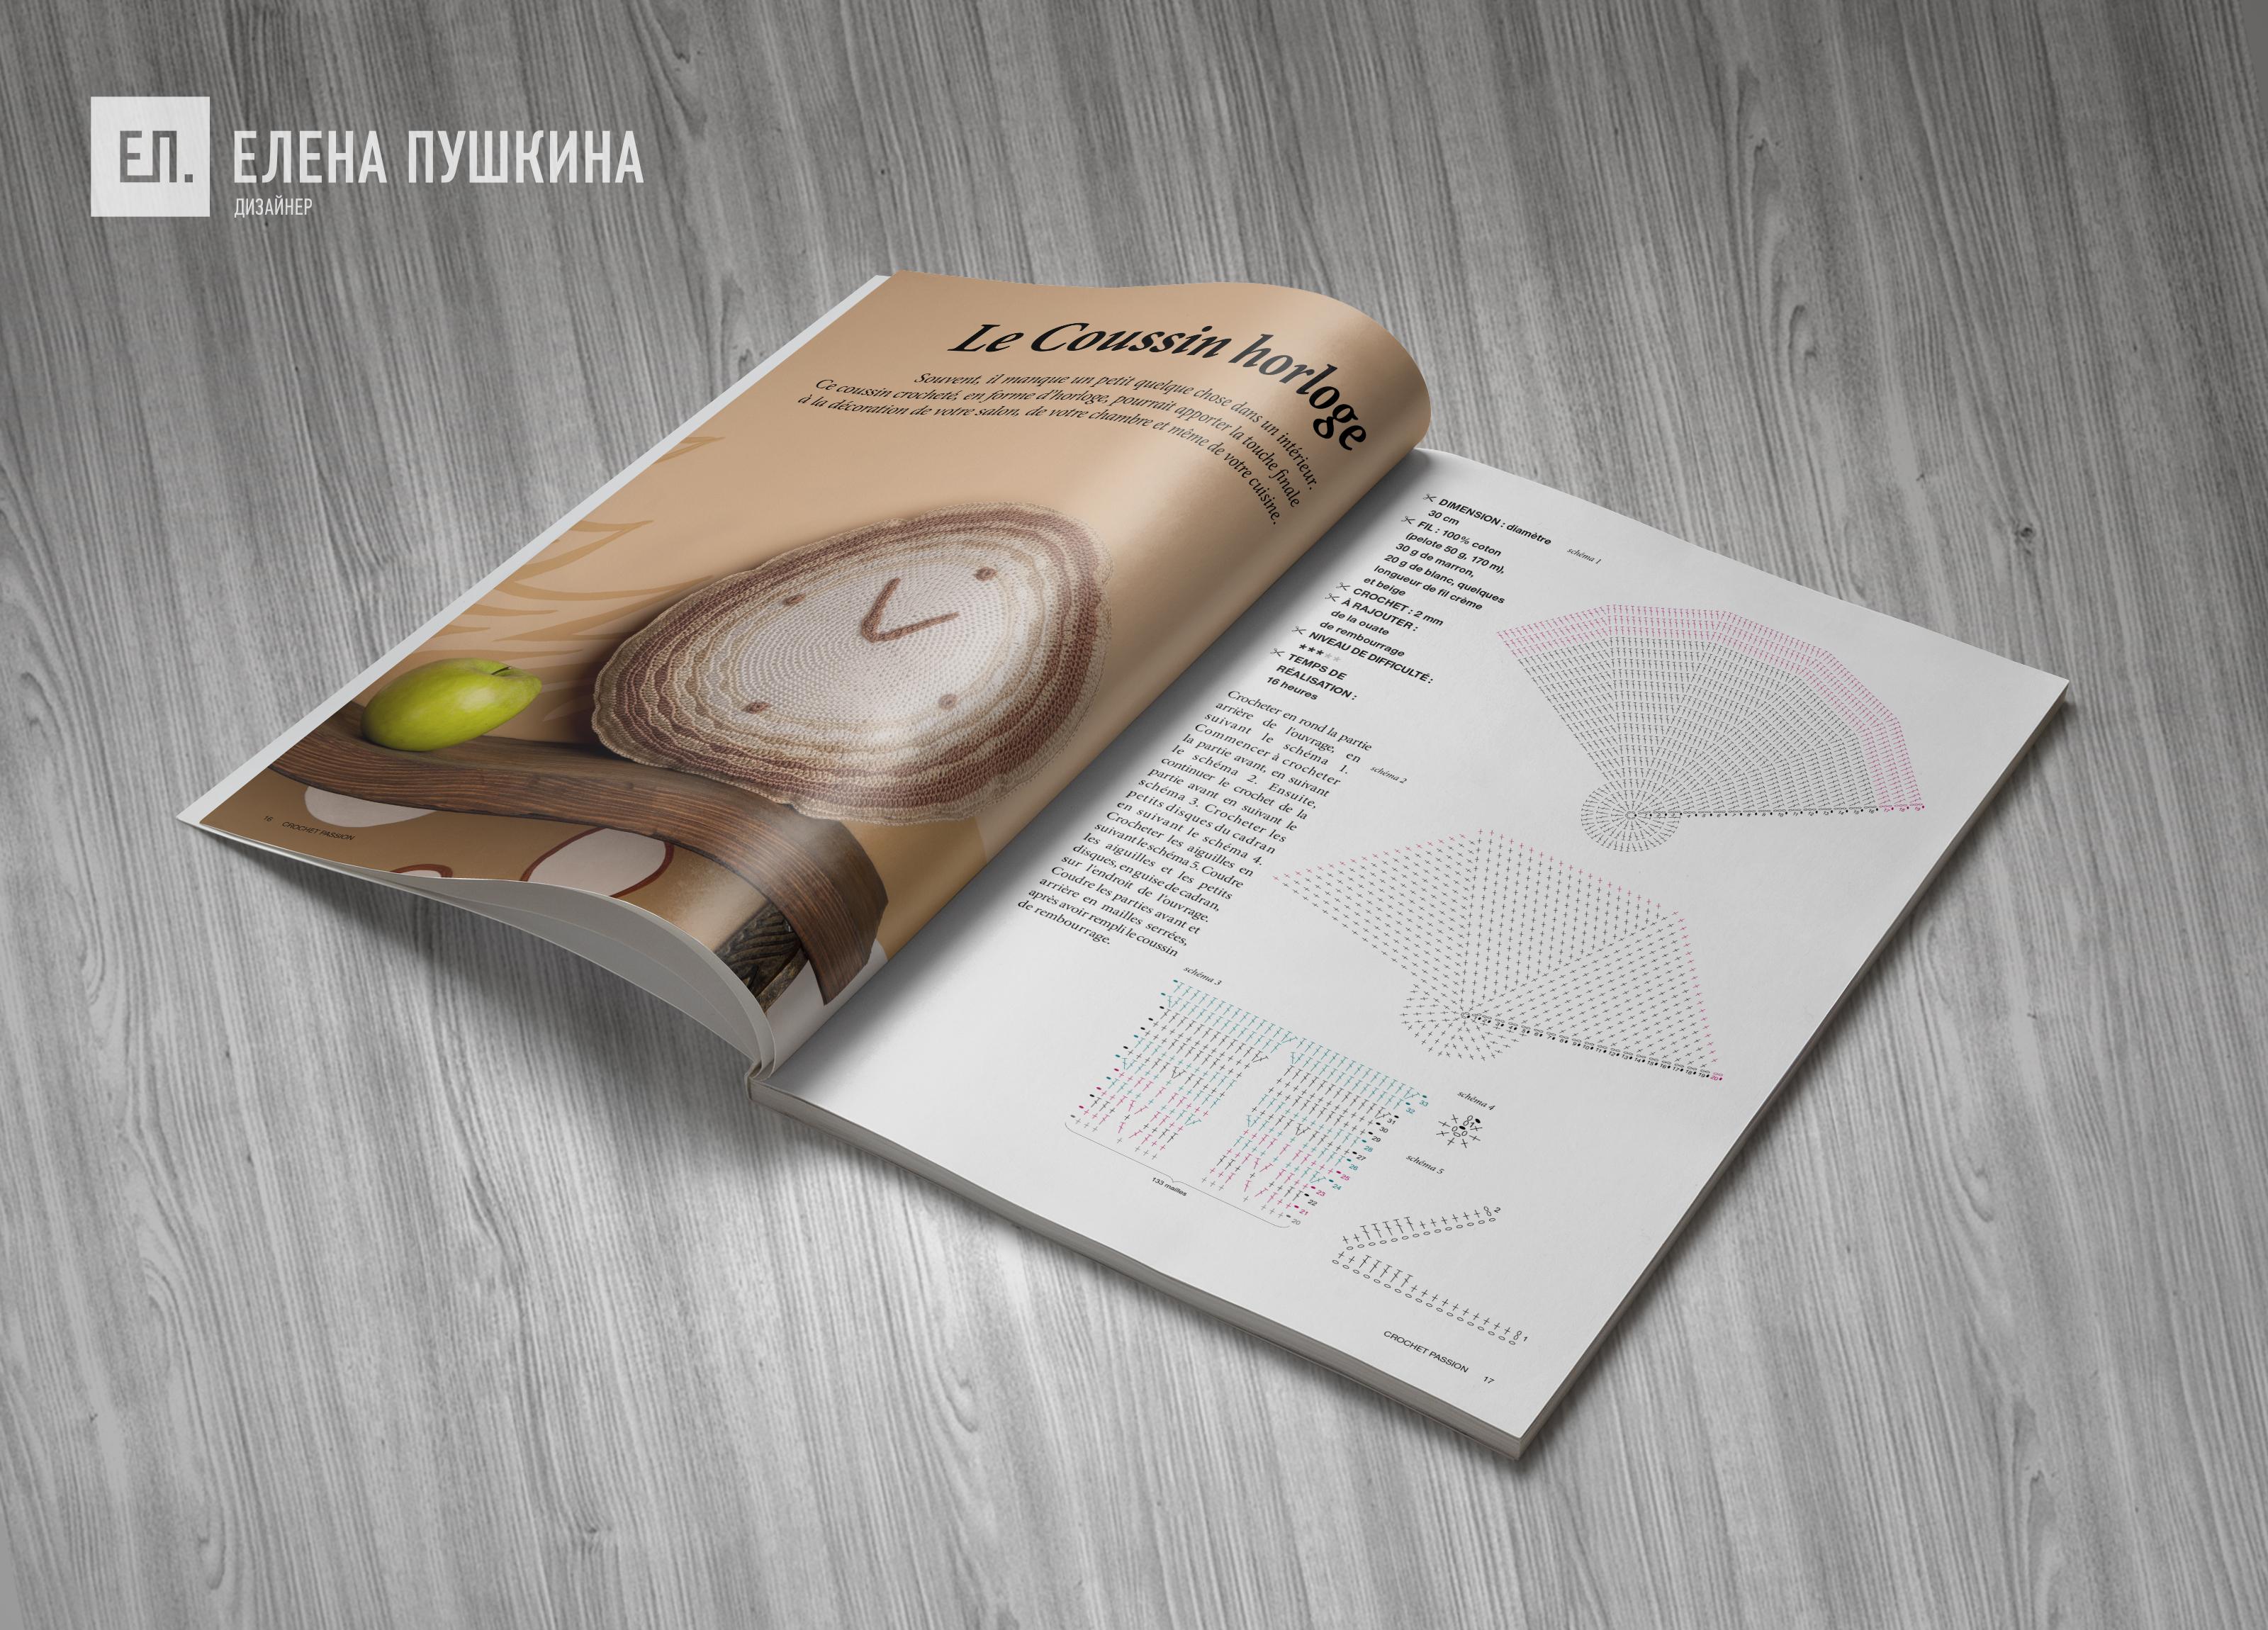 Журнал «CRPA» 09 2012 длямедиа холдинга «Multimedia Press»— разработка дизайна, цветокоррекция ивёрстка журнала Разработка журналов Портфолио